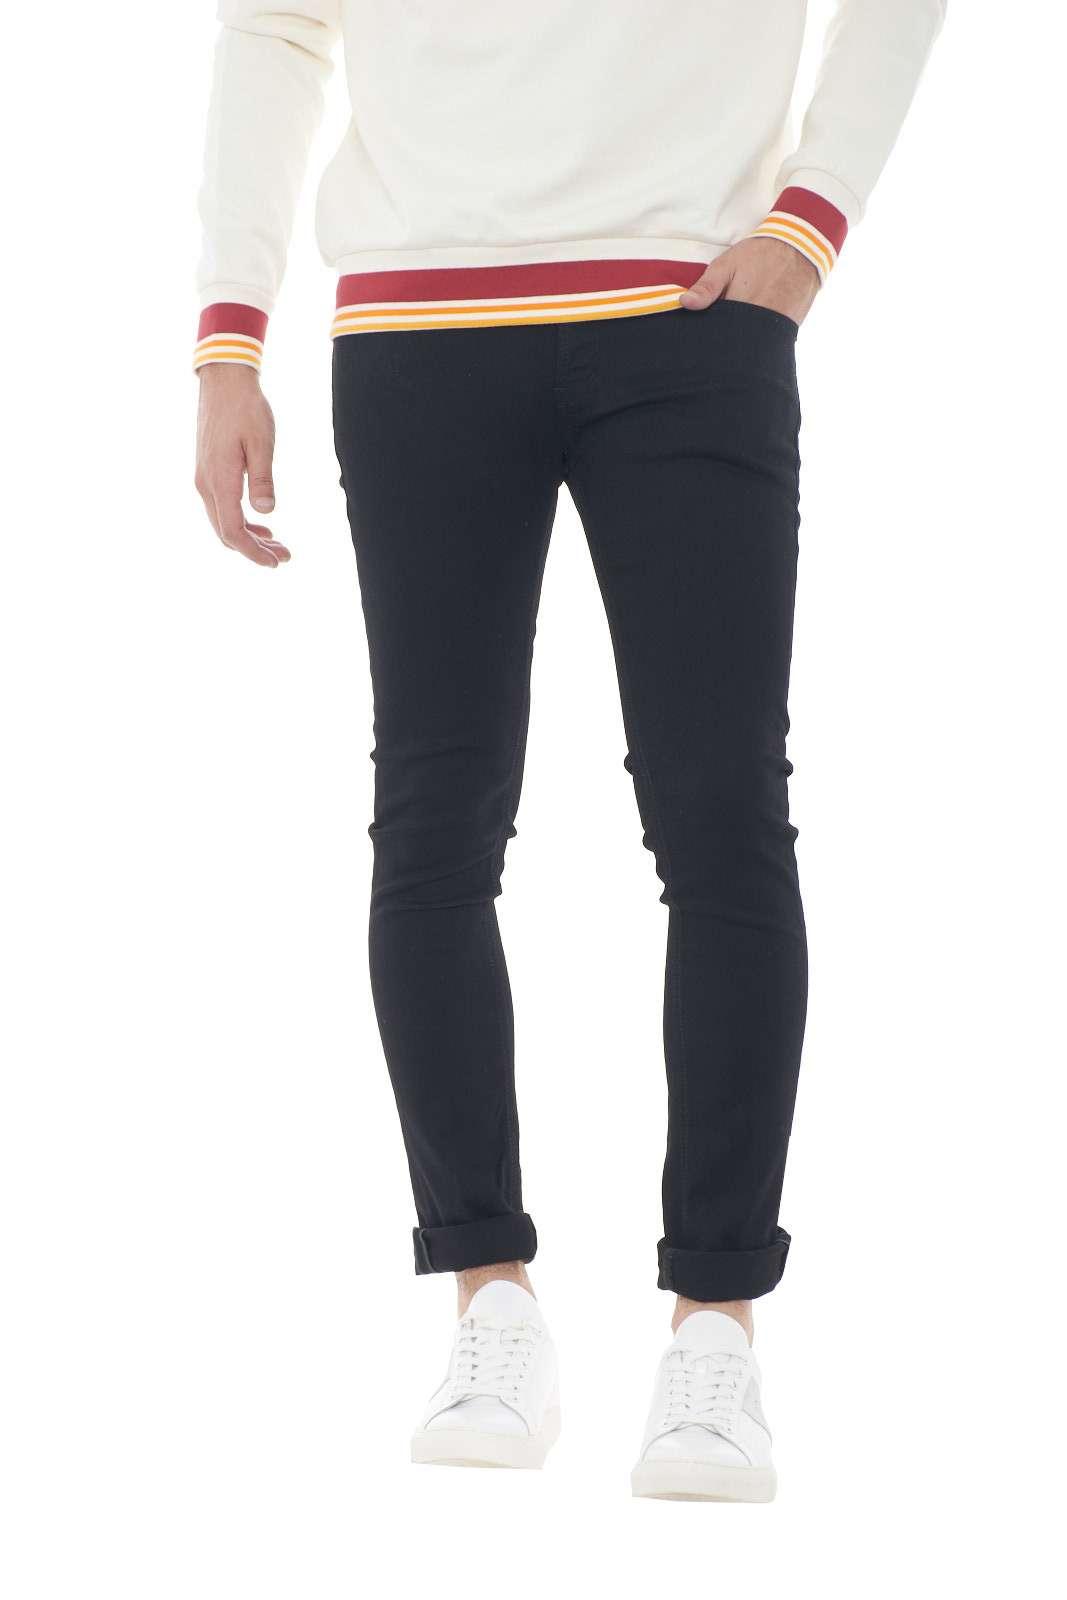 Il meglio del made in Italy con il nuovo jeans uomo George. Il total black è esaltato dalla vestibilità skinny e dal tessuto stretch. Un must have della collezione uomo da indossare sia con t shirt che con maglie. Il modello è alto 1.80m e indossa la taglia 32.